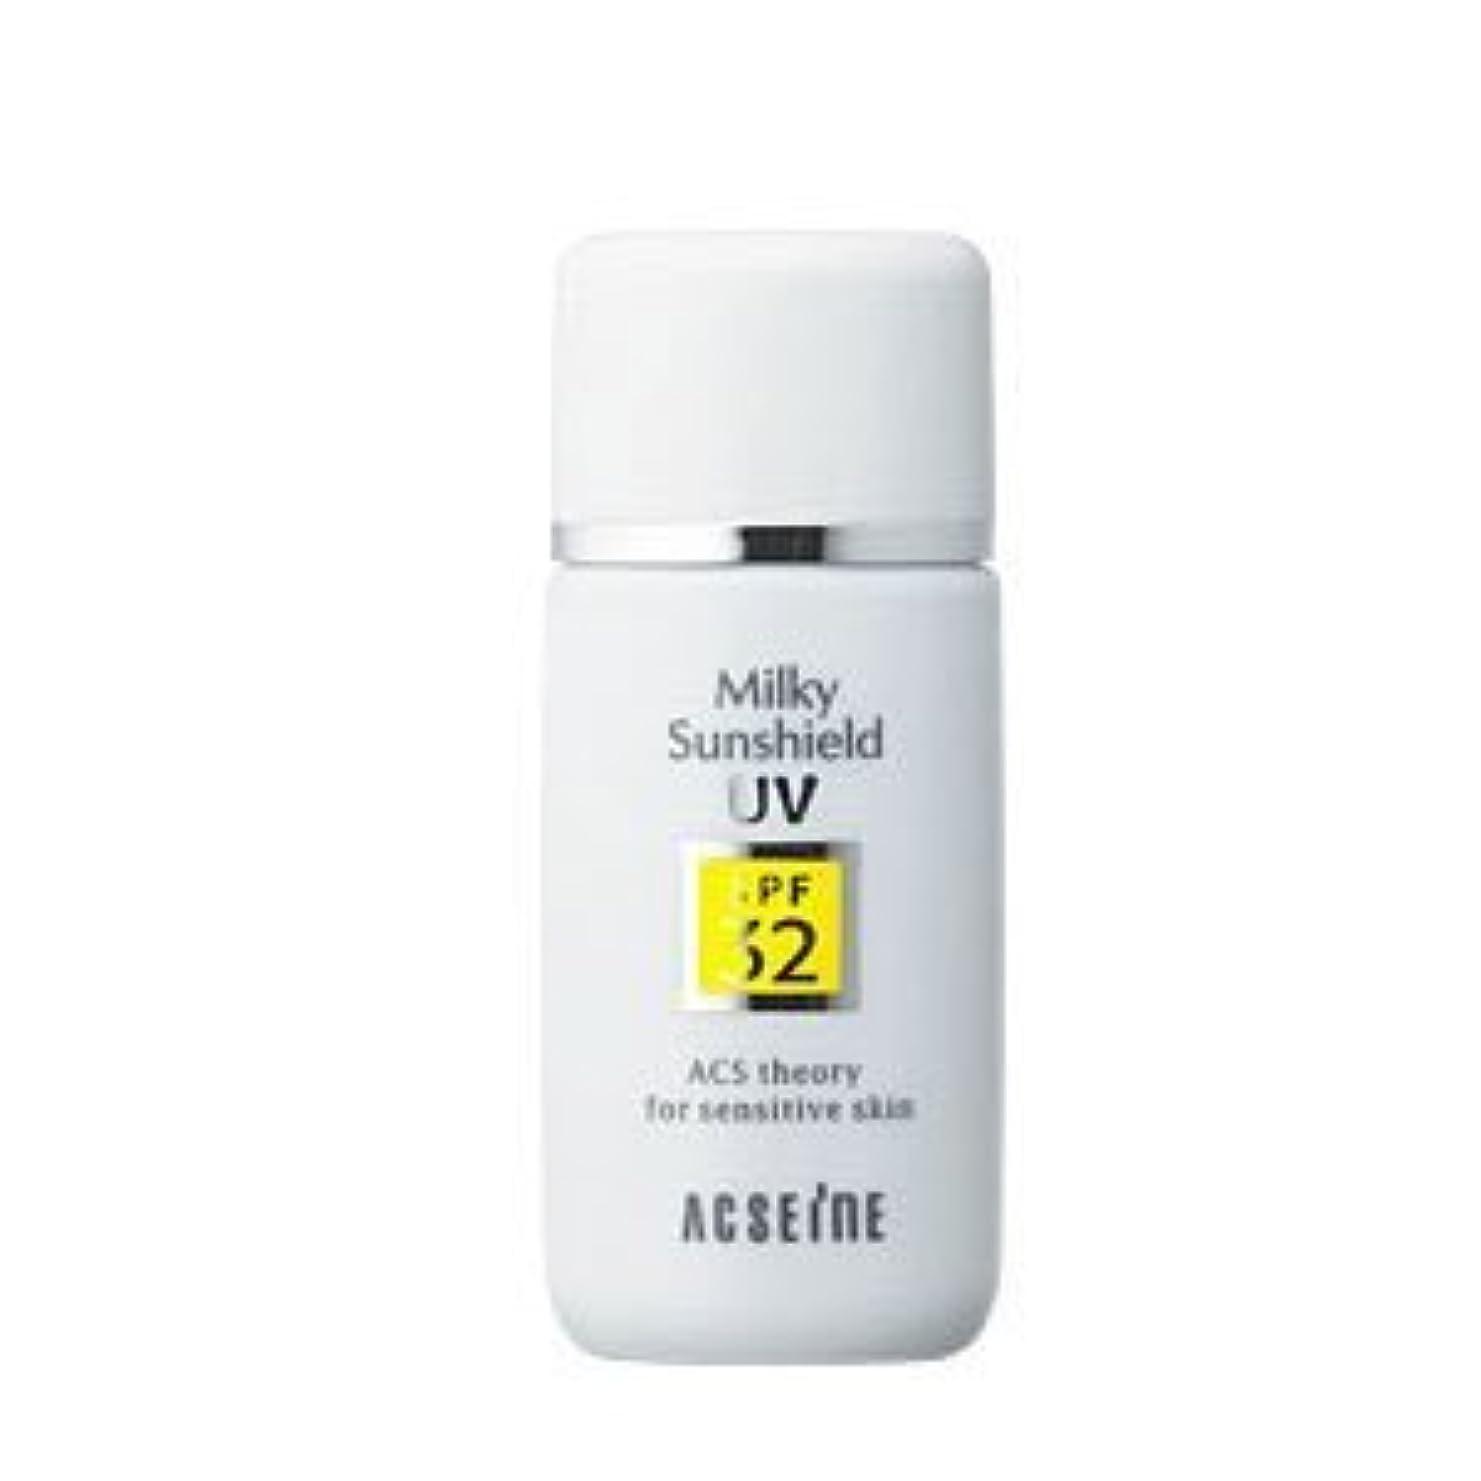 意識的期限採用するアクセーヌ ミルキィサンシールド<N>SPF32?PA++ 30ml 【日焼止め乳液】